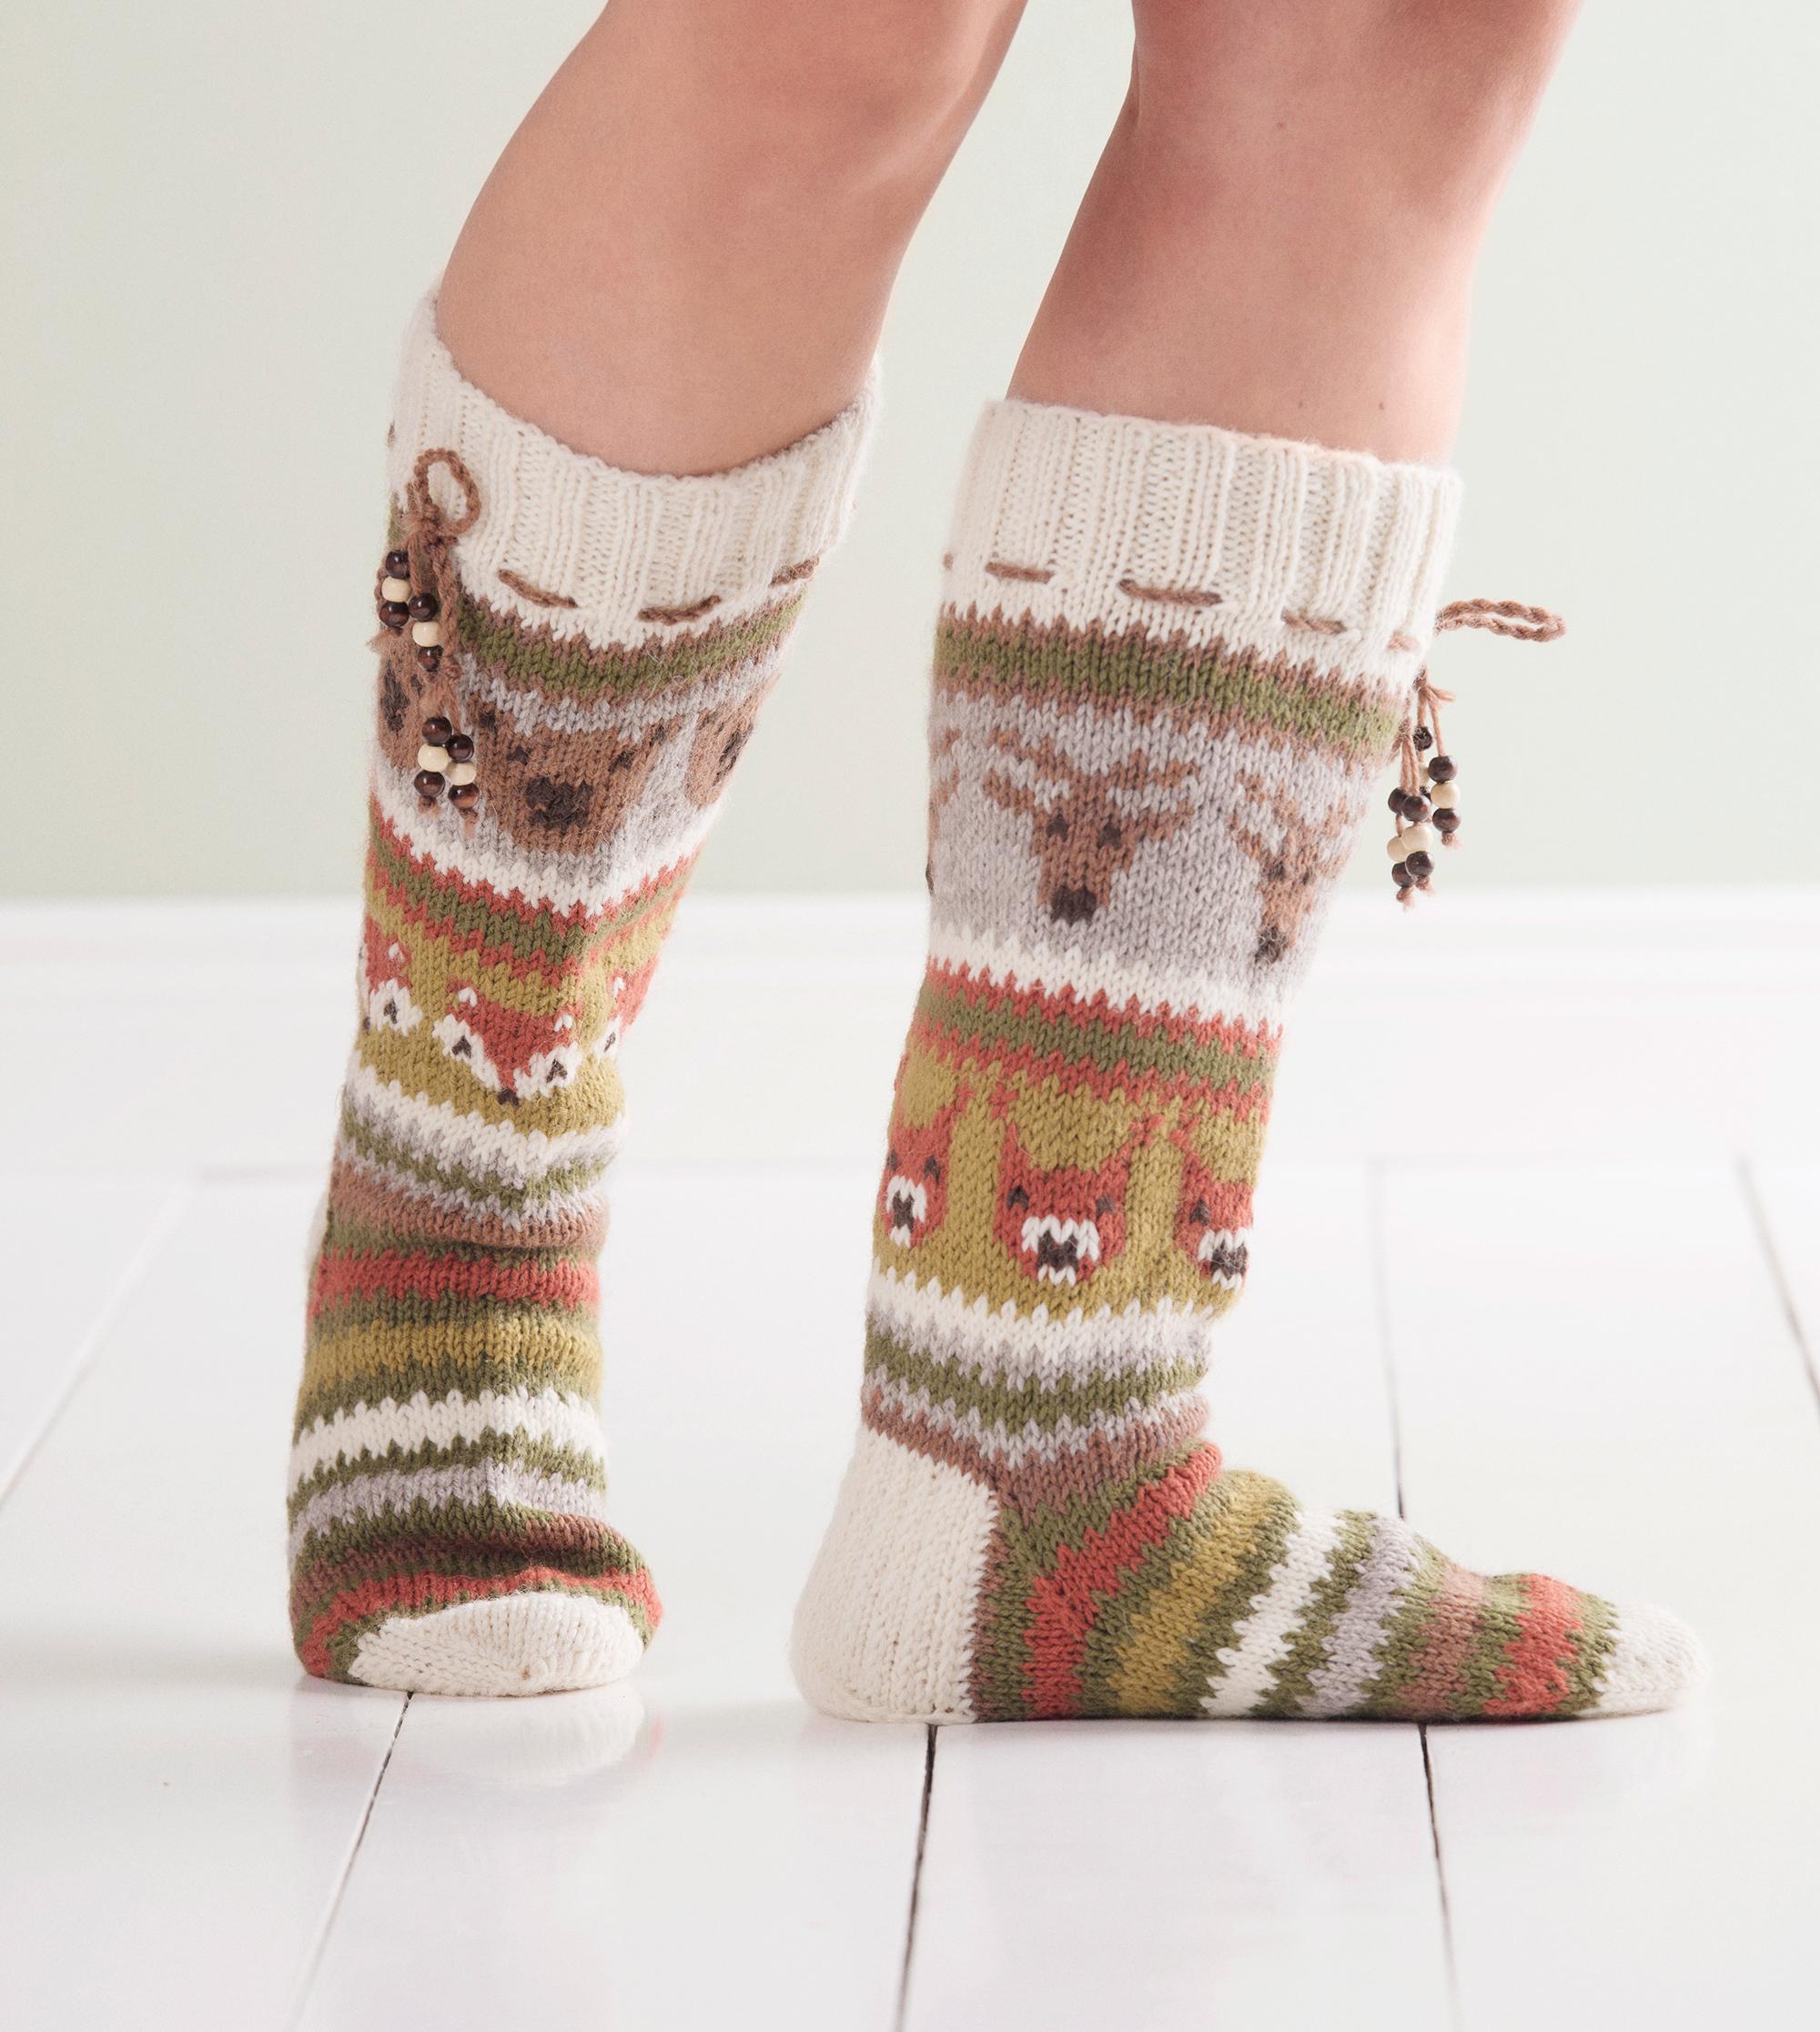 Villasukkabuumi toi lapinlahtelaisäidille niin paljon töitä, että hän luopui päivätyöstä – naisen luomat sukkamallit innostavat neulojia ympäri maailmaa